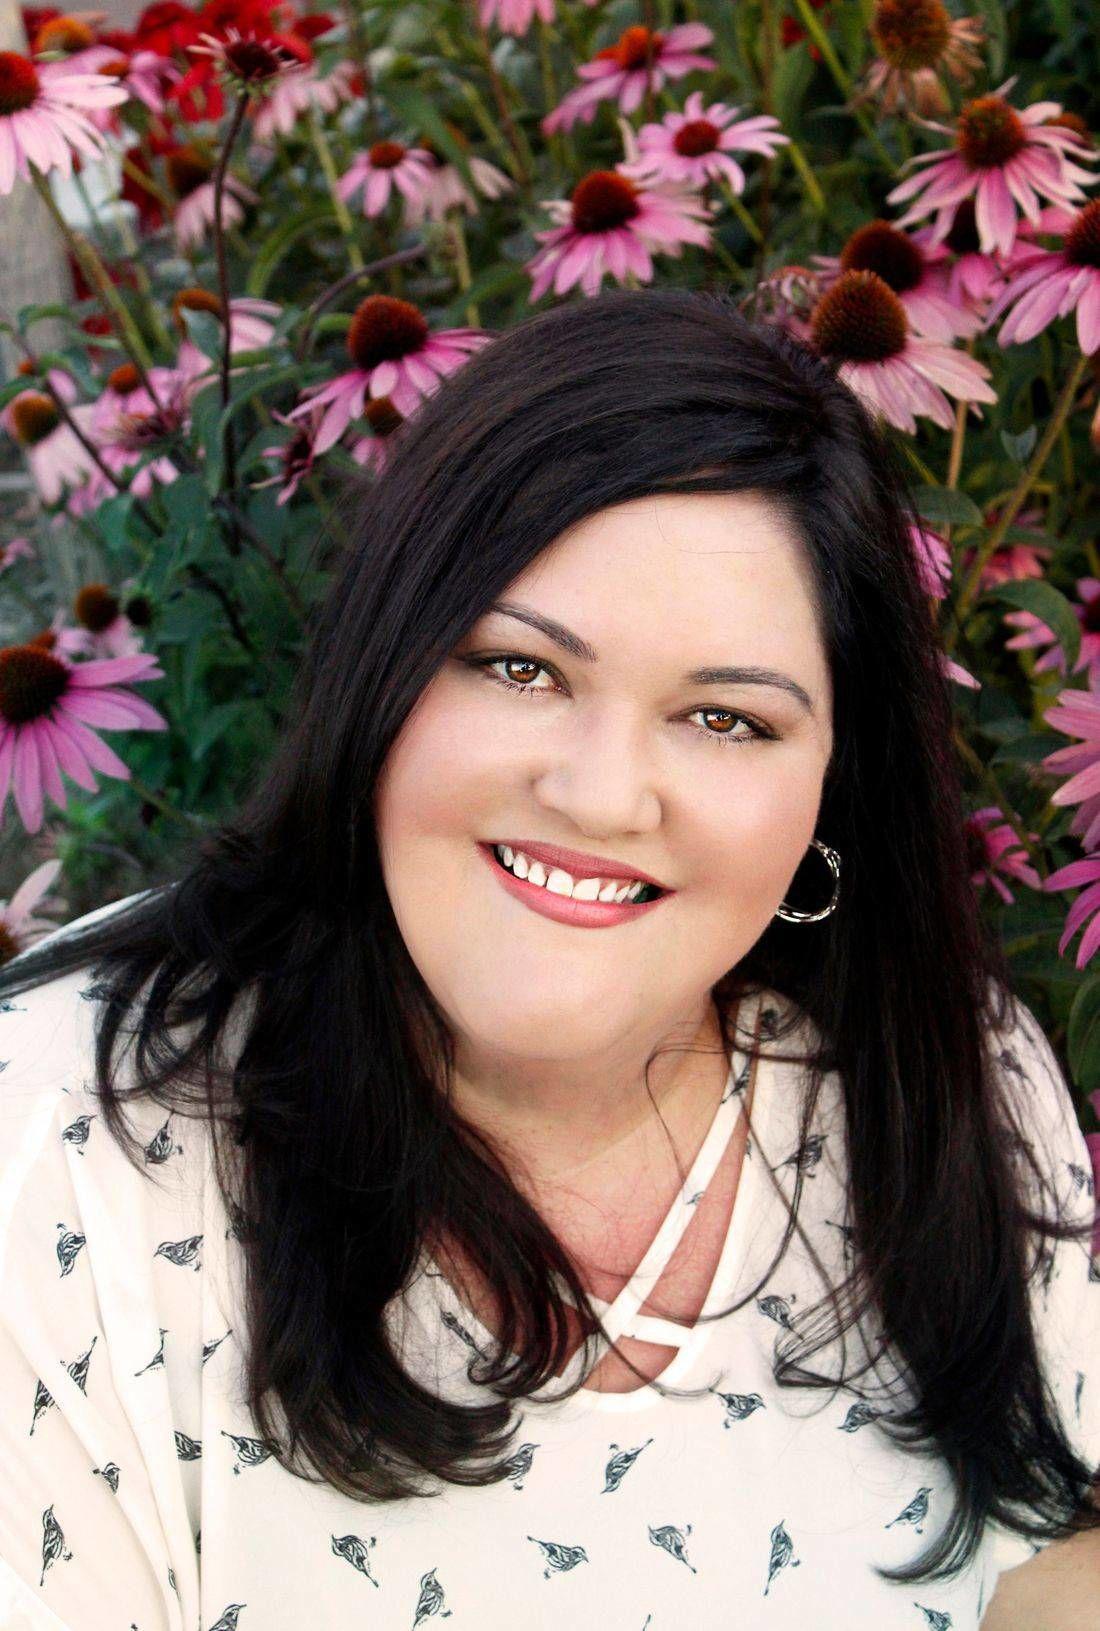 Jillian Likness